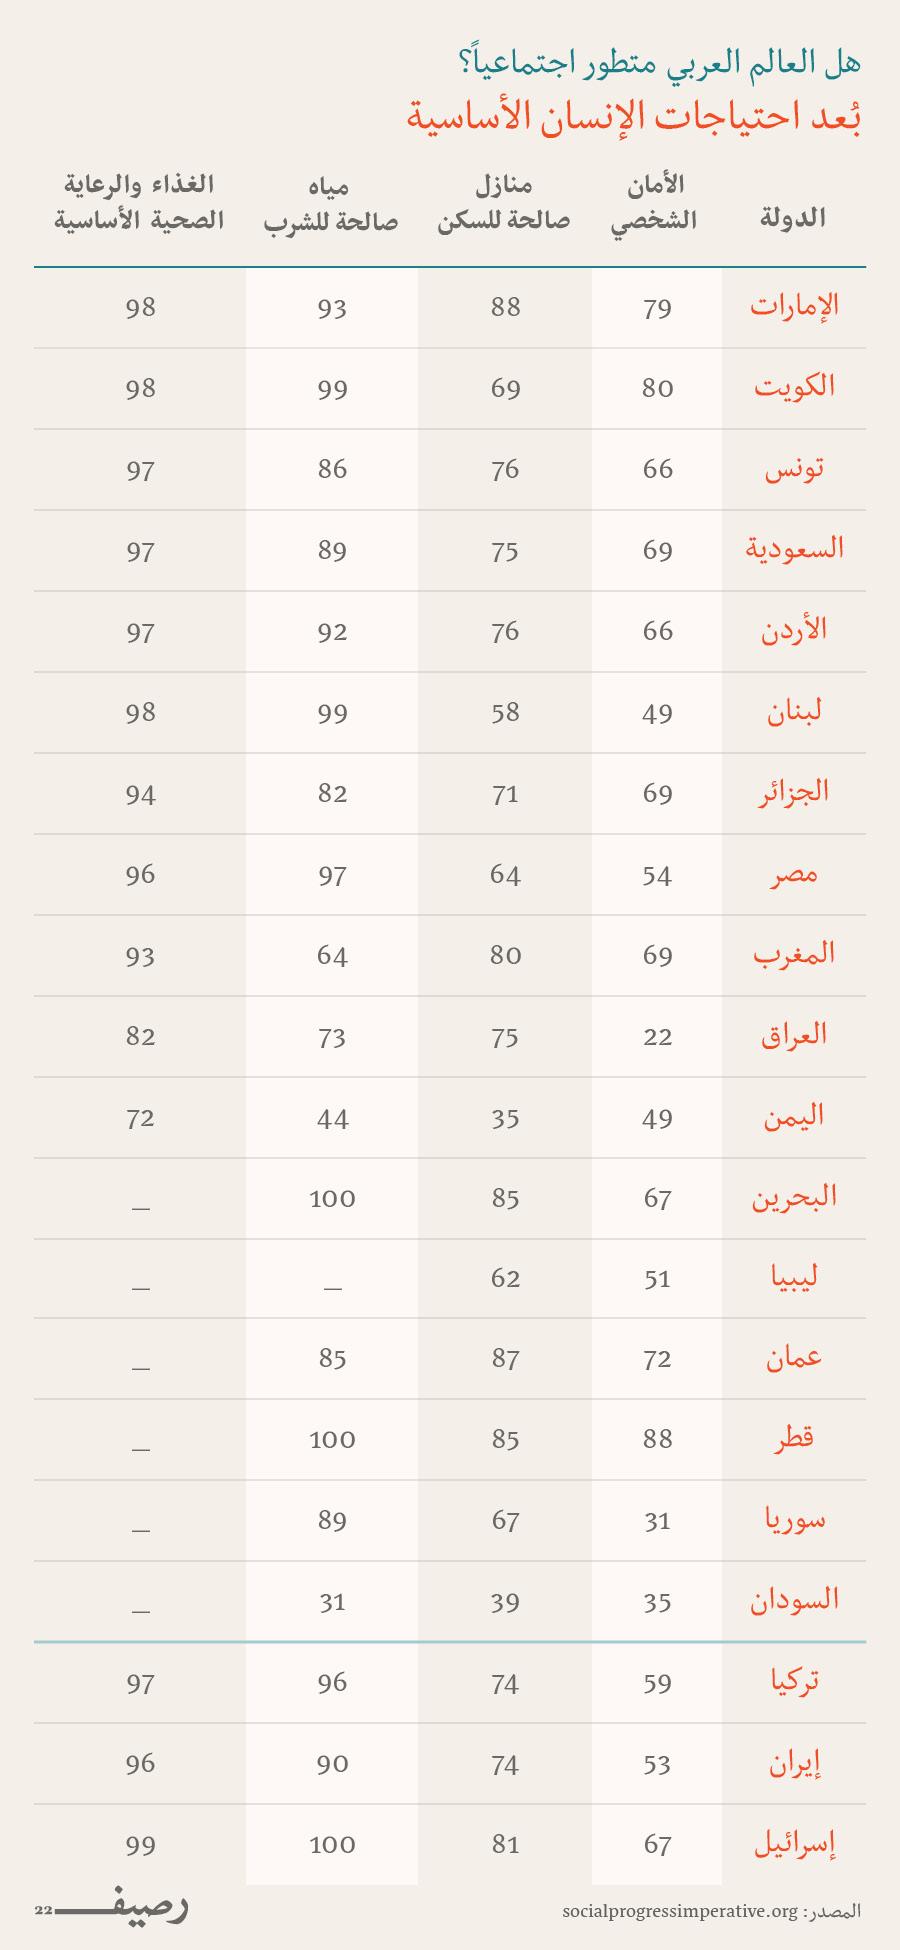 التطور الاجتماعي في العالم العربي - إحتياجات الانسان الاساسية